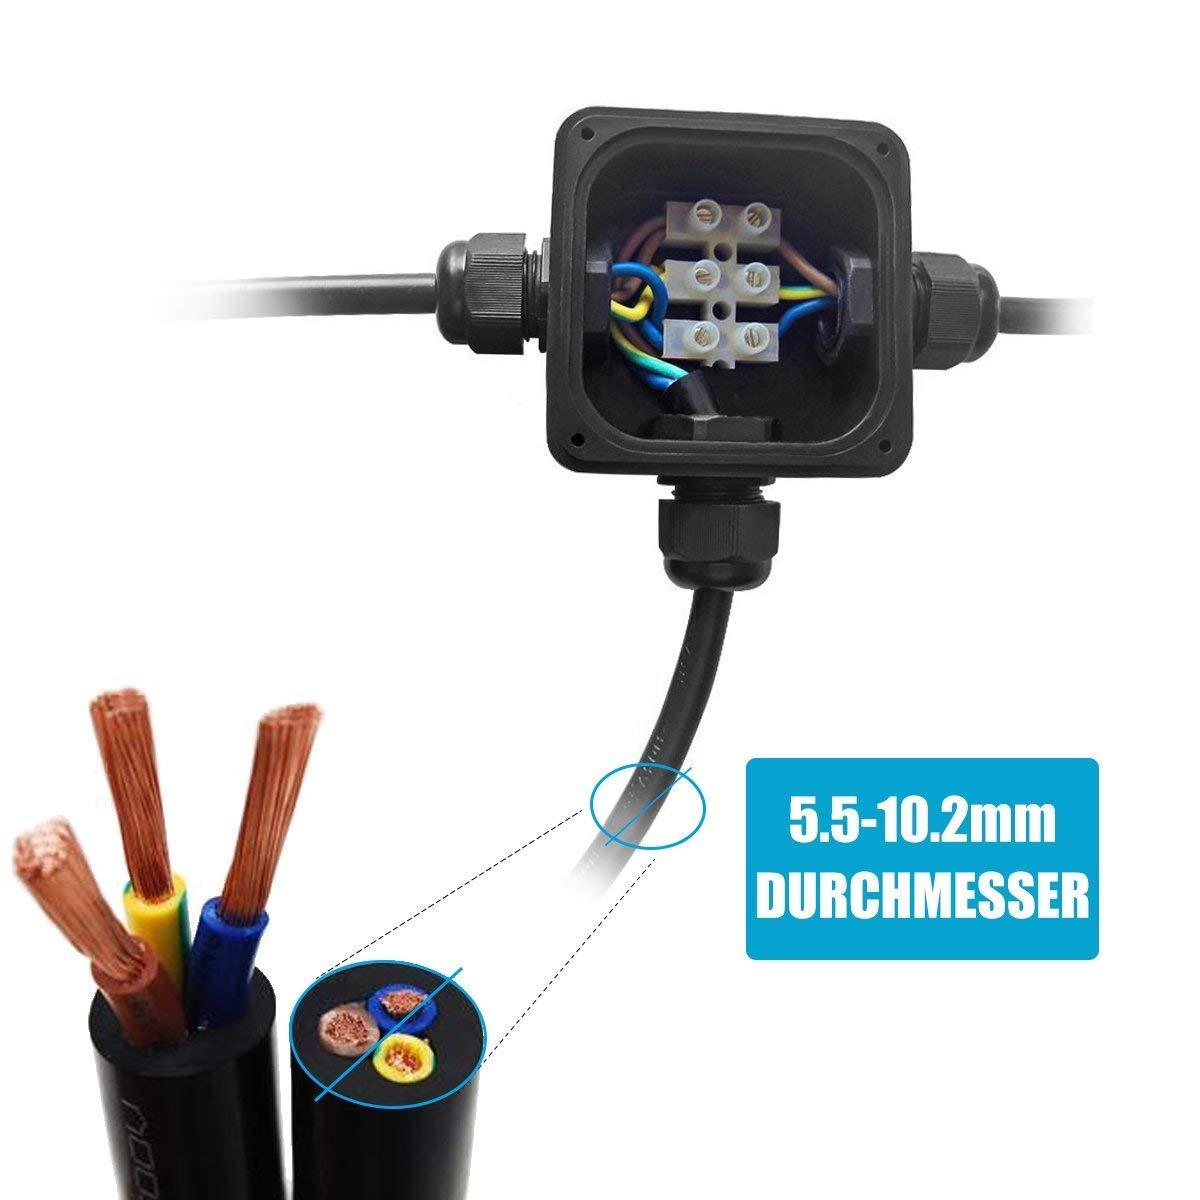 6 Pack Waterproof El/éctricos Exterior Conector Cable IP68 Impermeable cajas de conexi/ón de cables con 3 V/ías subterr/áneo cajas conexiones electricas para Cable Cajas de empalmes